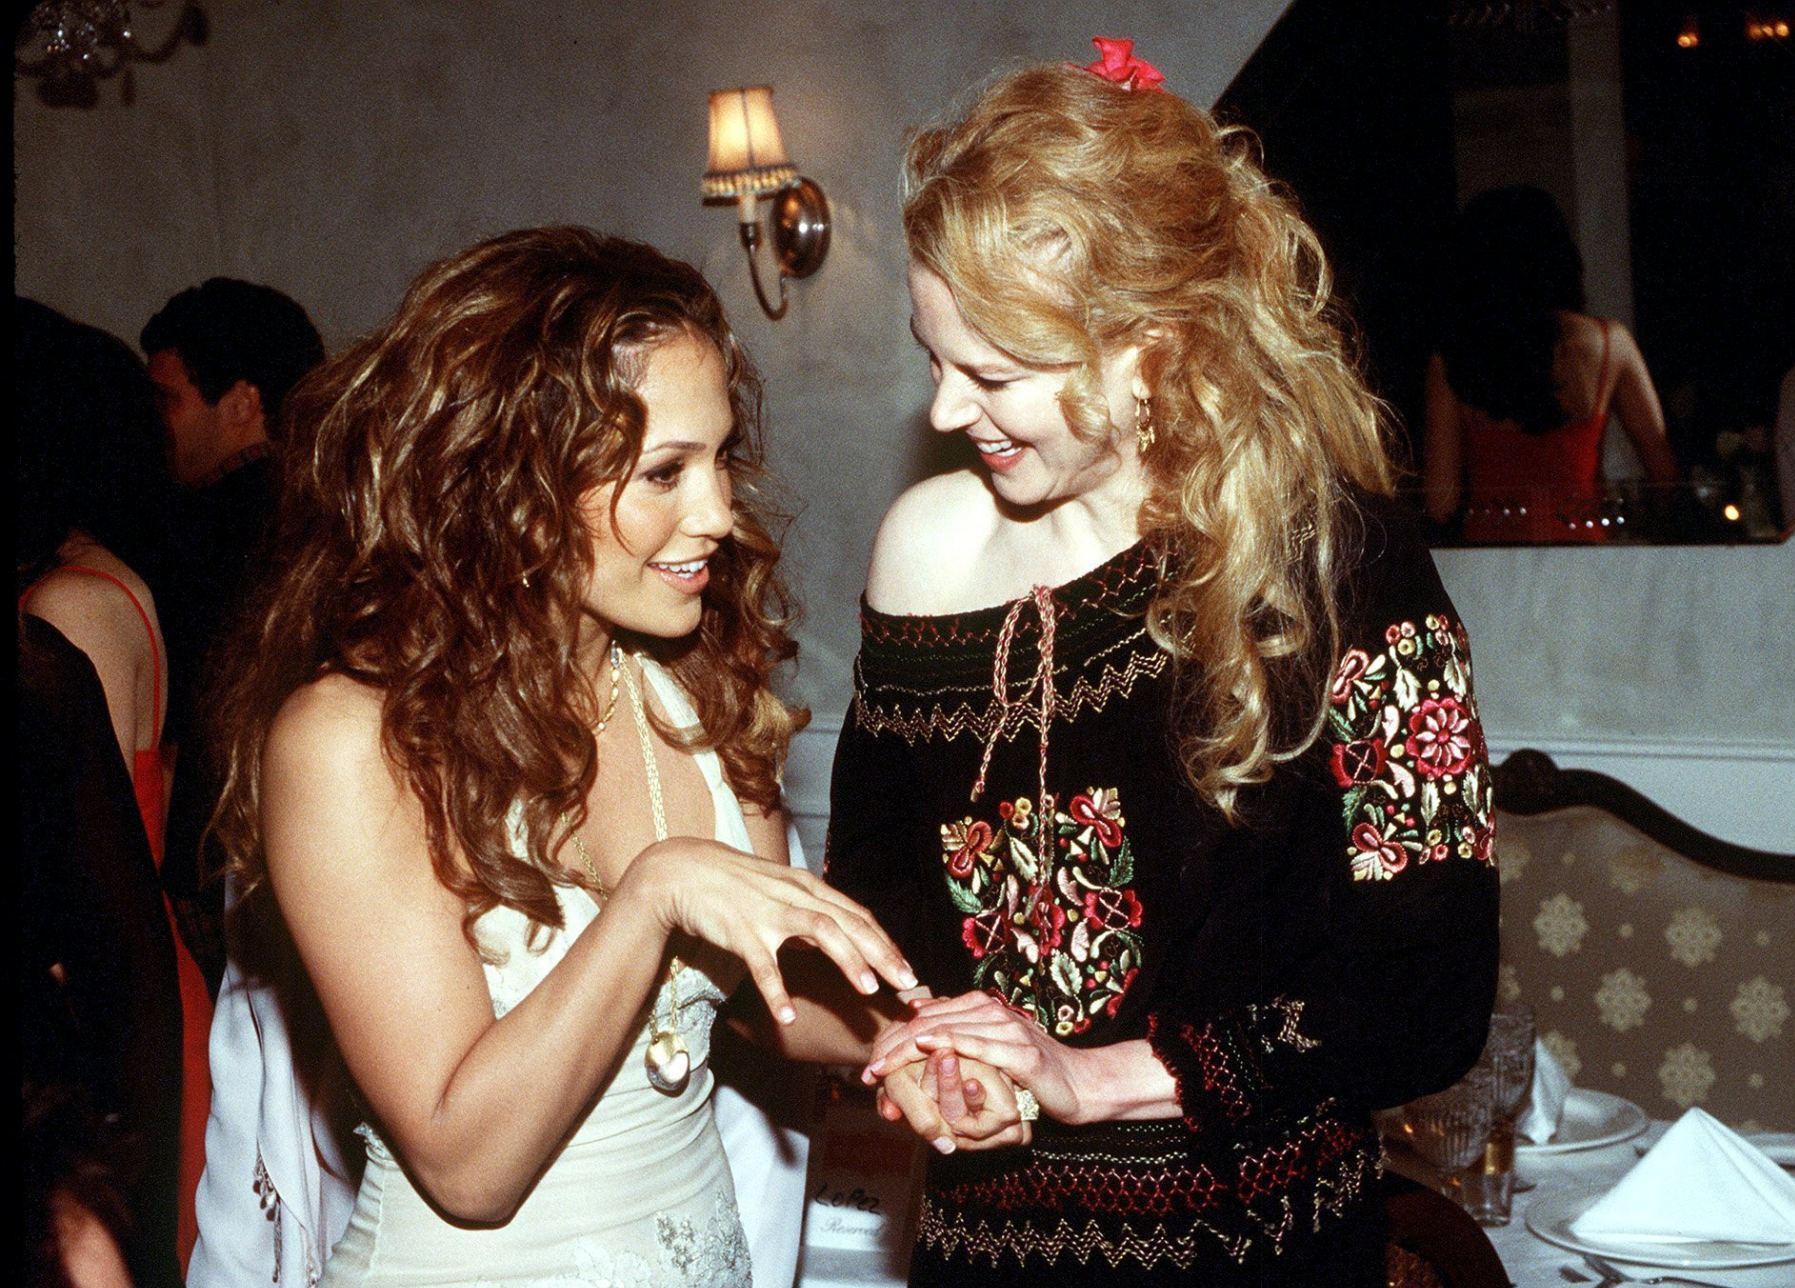 Nicole and J-Lo